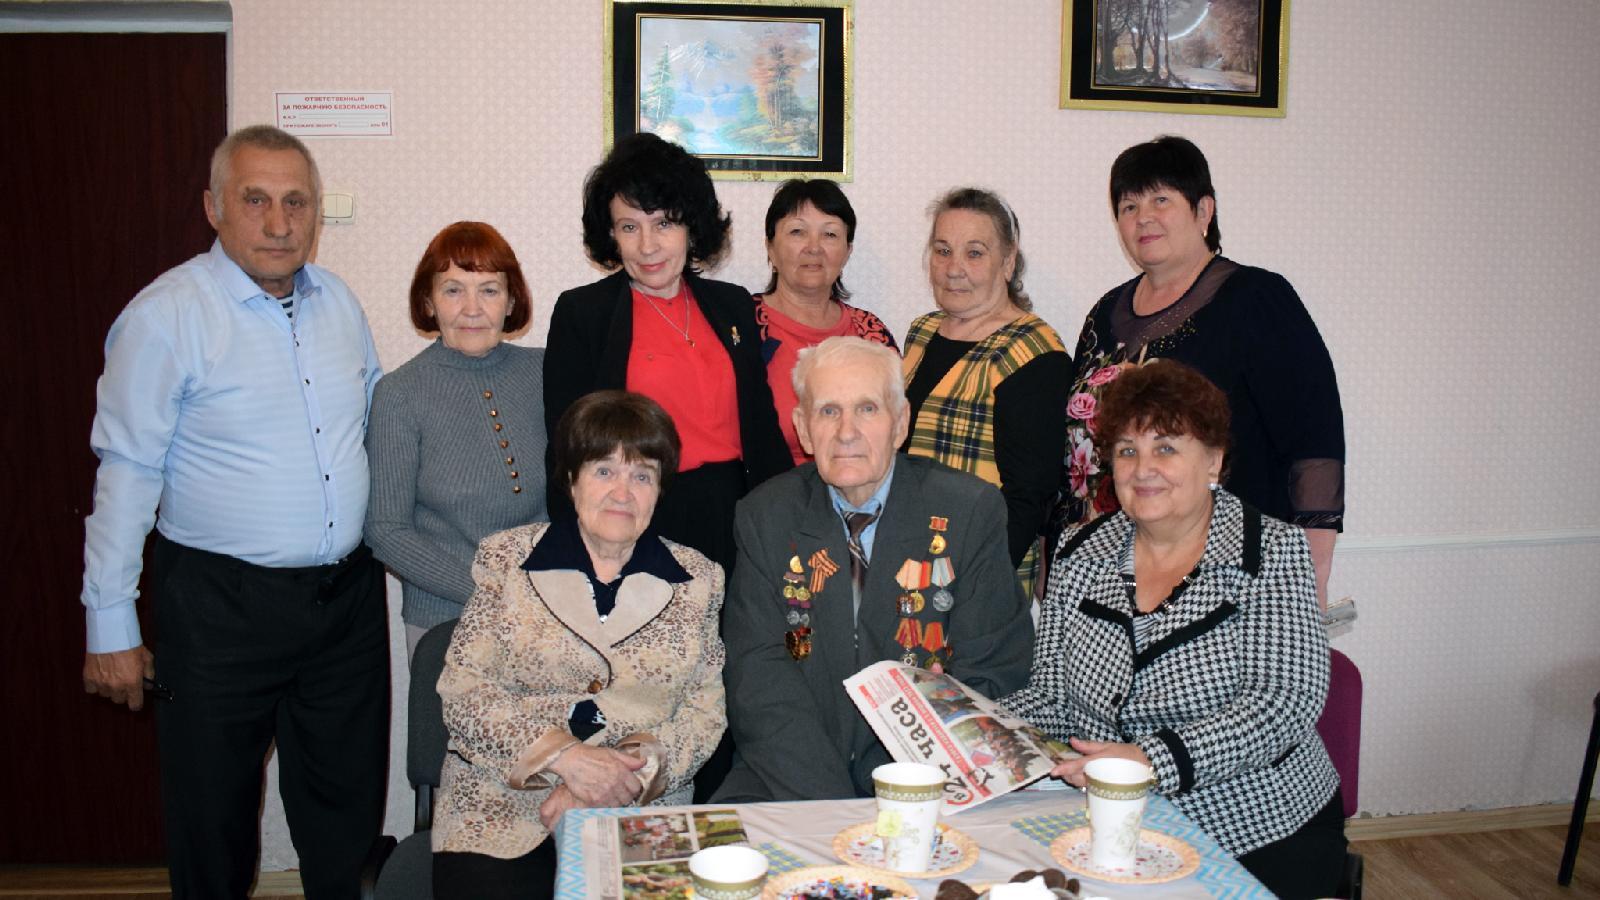 Встреча вредакции газеты ветеранов полиграфии ижурналистики